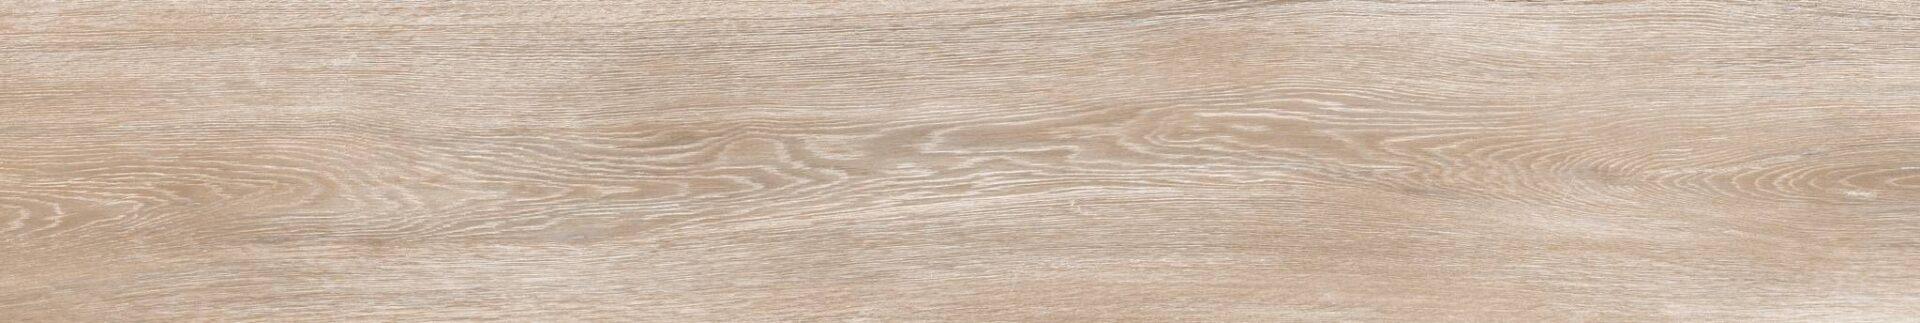 Natural Stone FORESTA MAPLE Granite Countertops